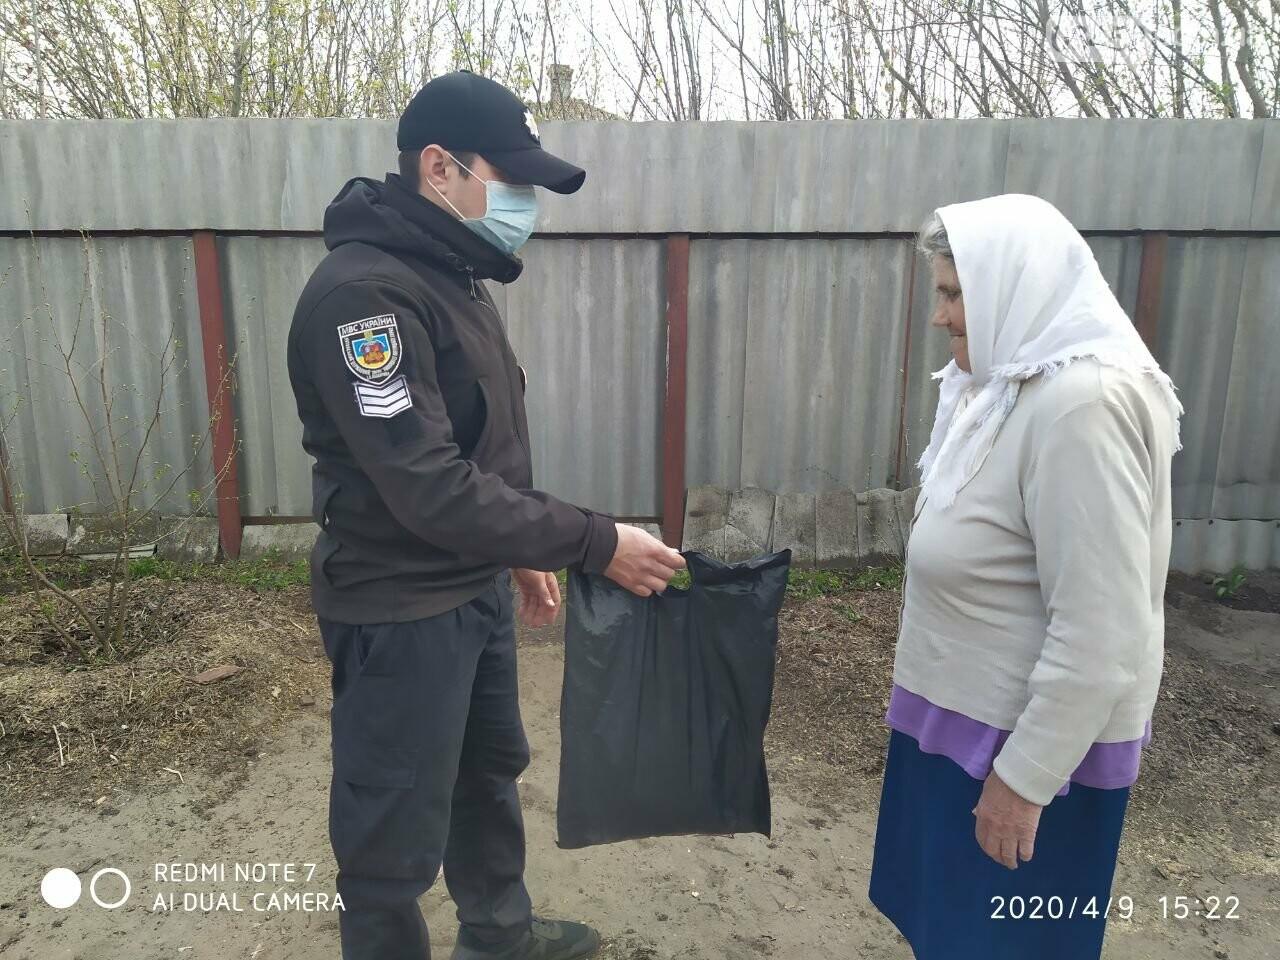 Курсанты Северодонецка присоединились к социальным мероприятиям против распространению эпидемии коронавируса, фото-2